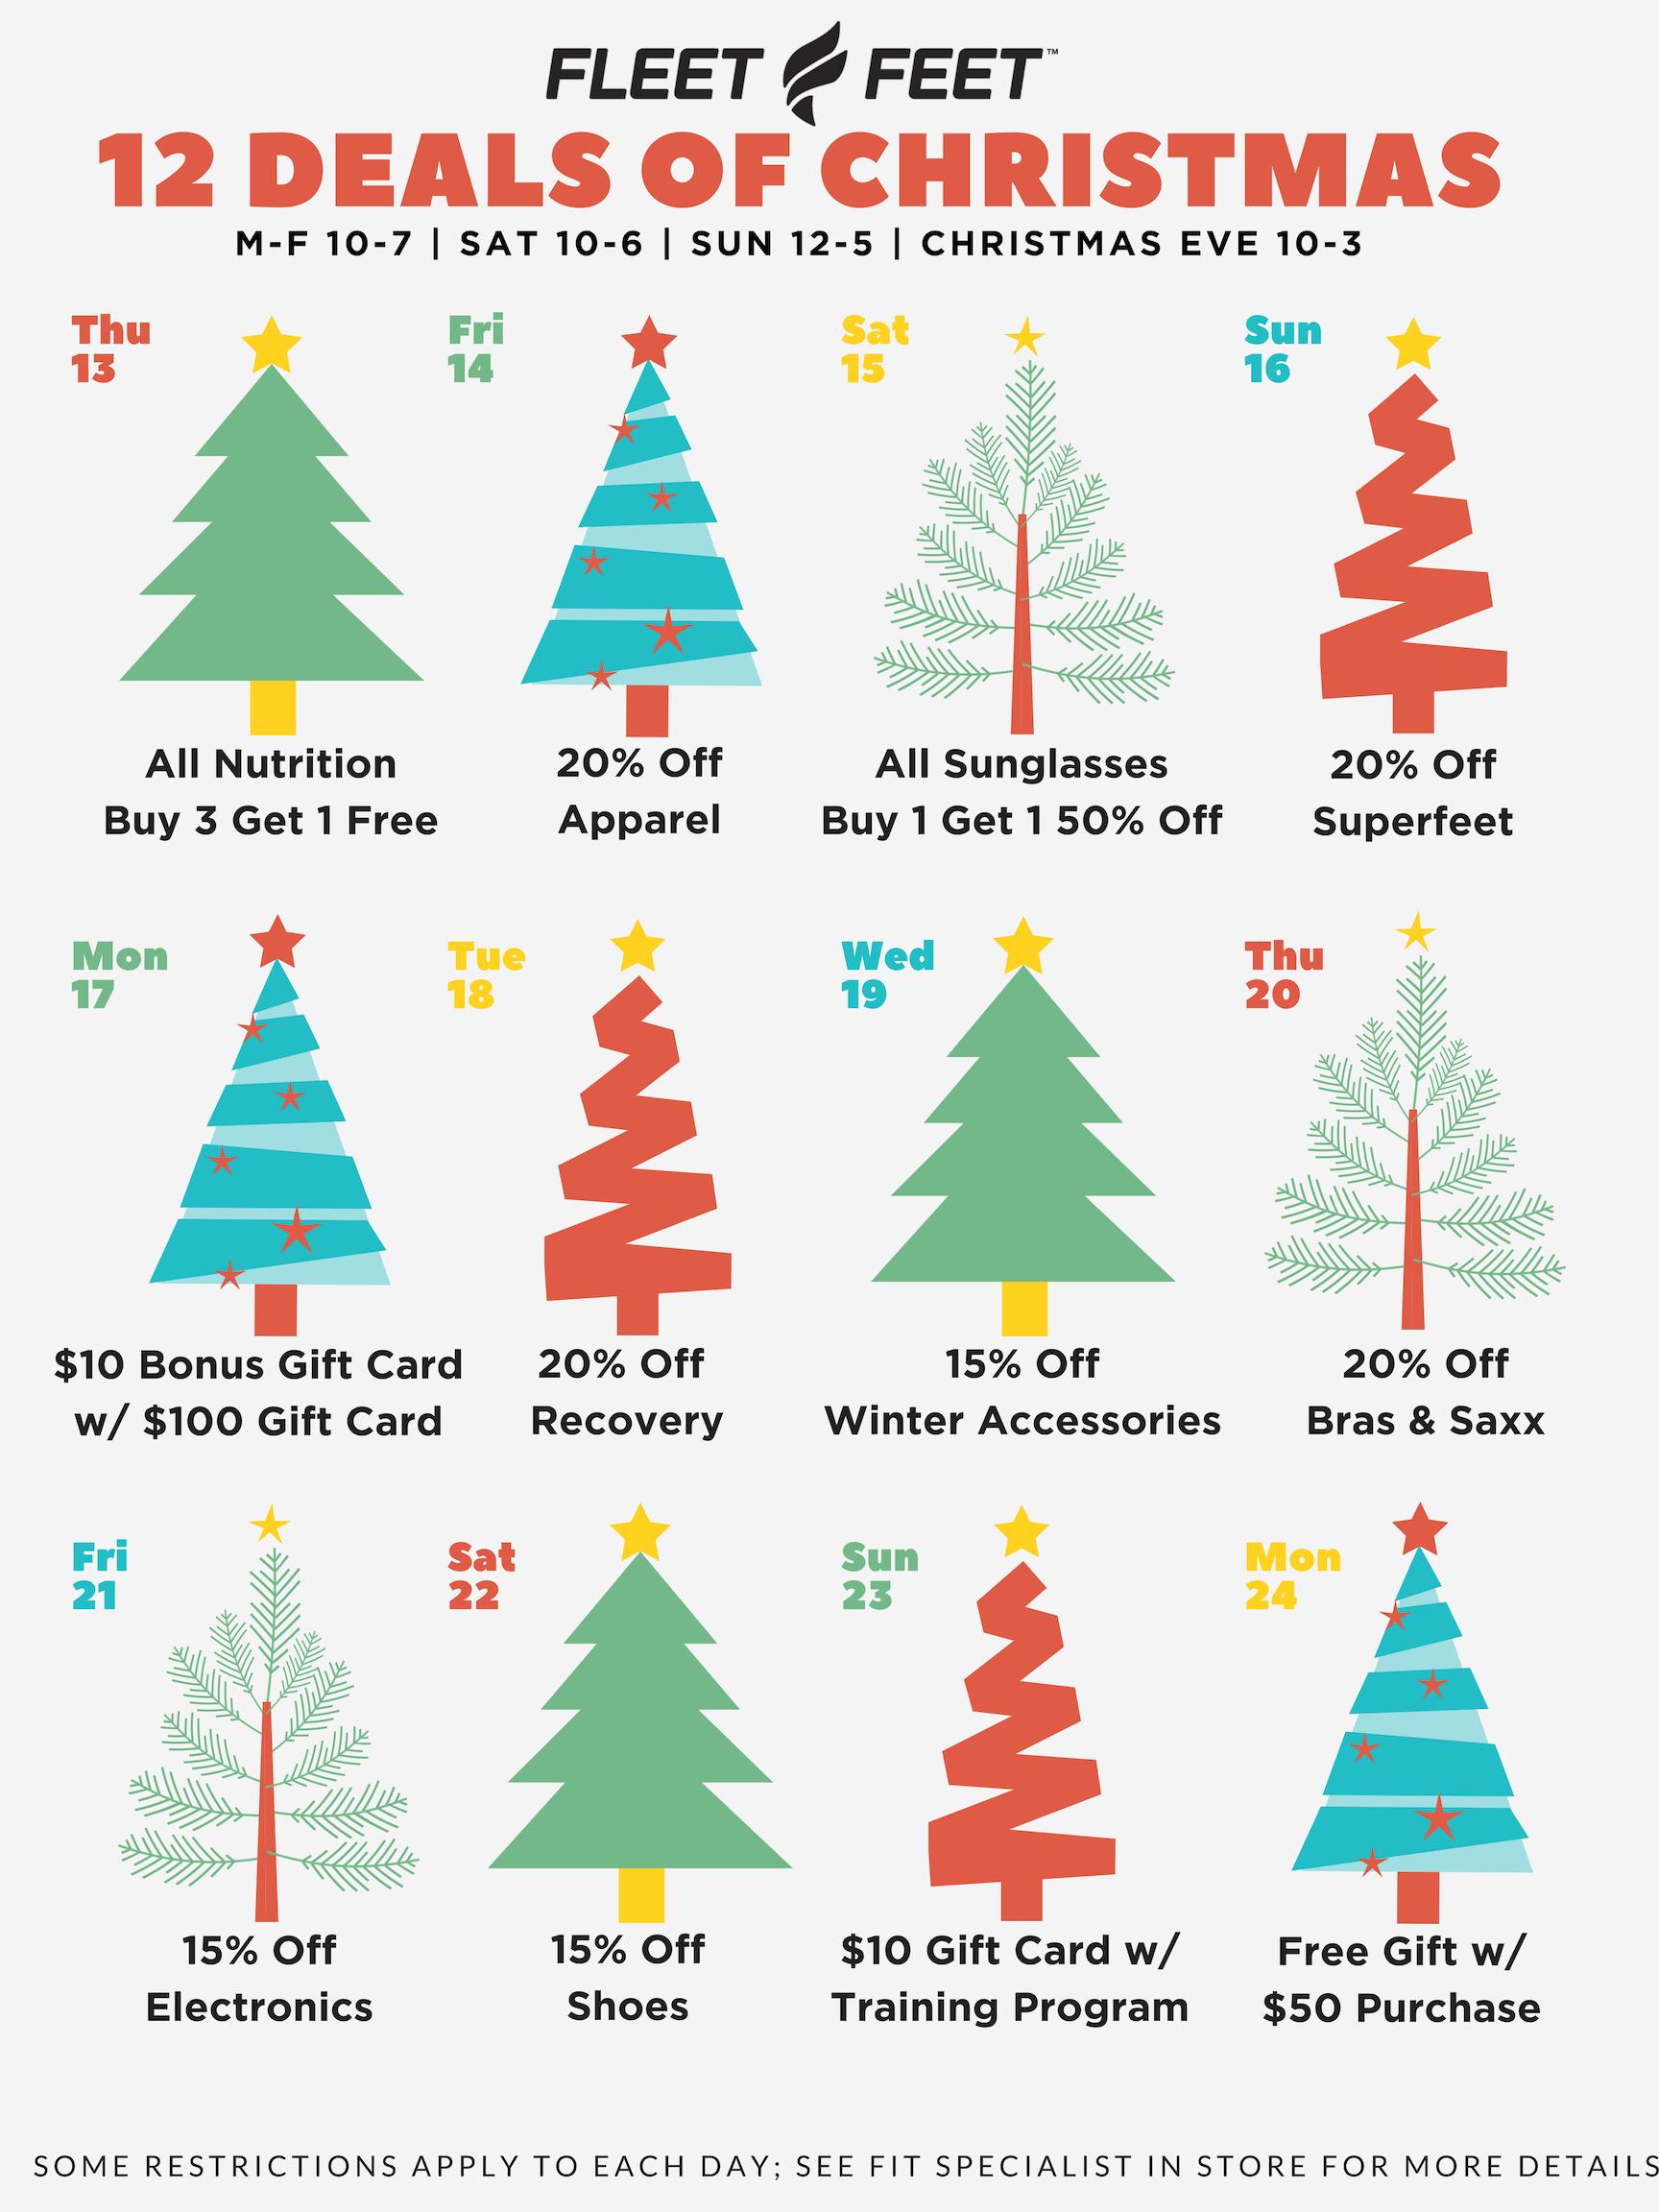 12 Deals of Christmas - Fleet Feet Bloomington